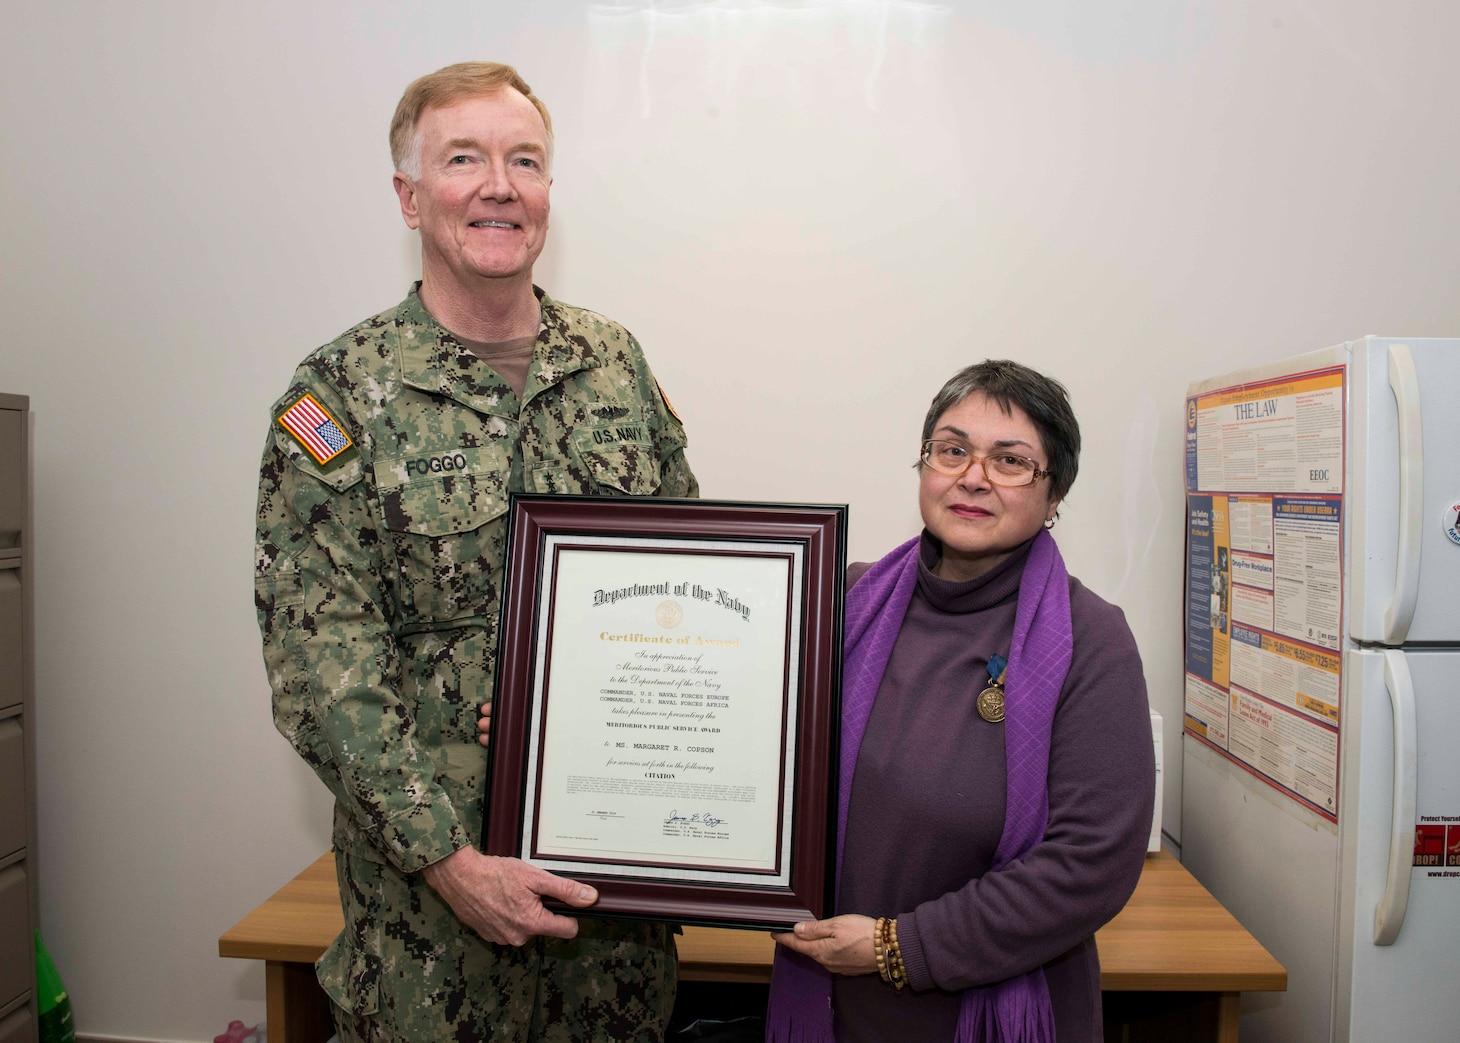 Civilian Award